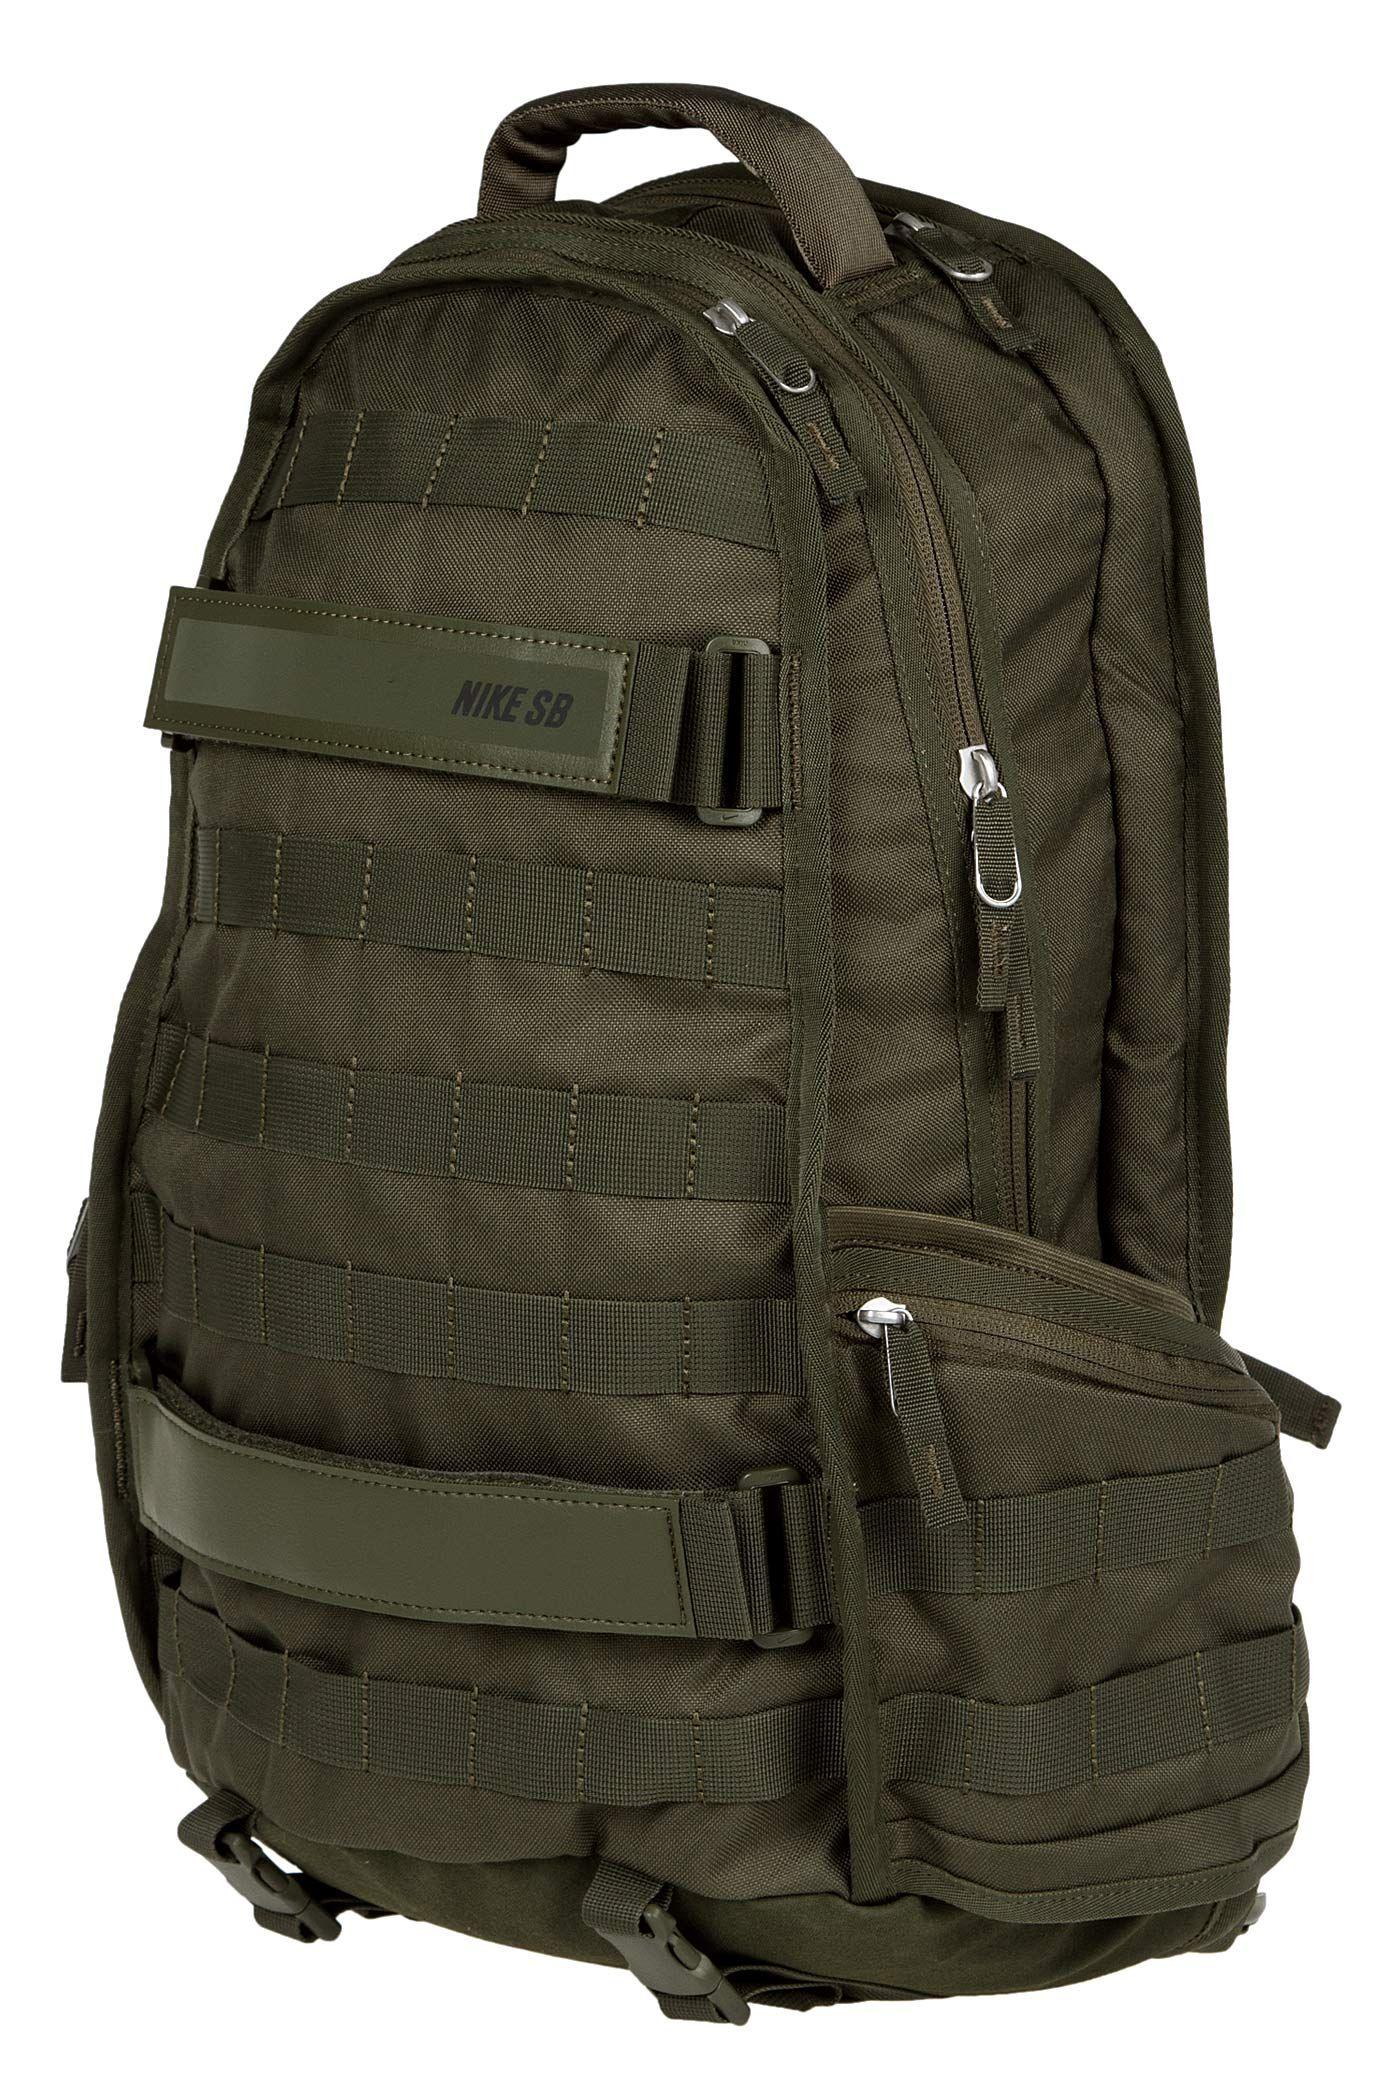 62aa8f15ef Nike SB RPM Backpack 26L (cargo khaki) | Backpacks | Backpacks, Nike ...